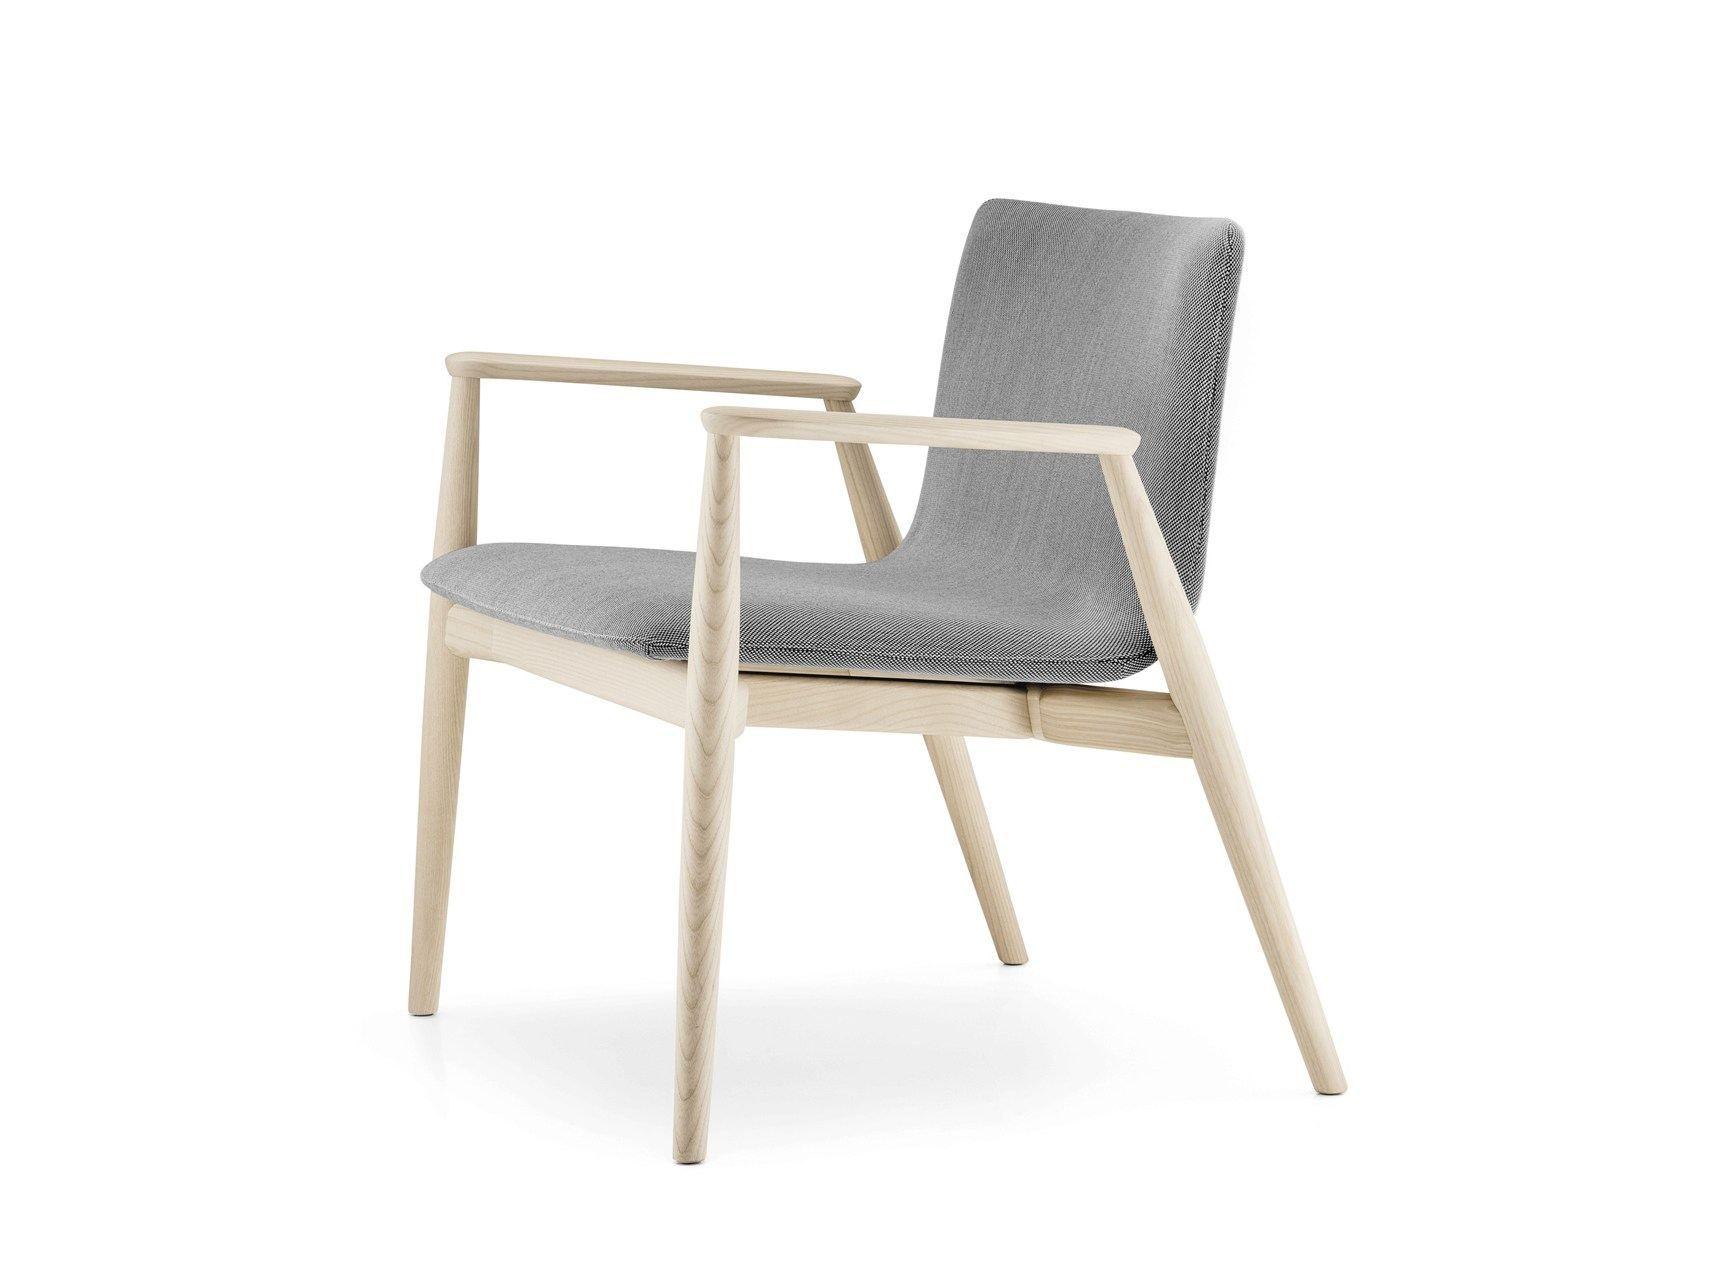 MALMÖ Upholstered Easy Chair By PEDRALI Design Michele Cazzaniga, Simone  Mandelli, Antonio Pagliarulo